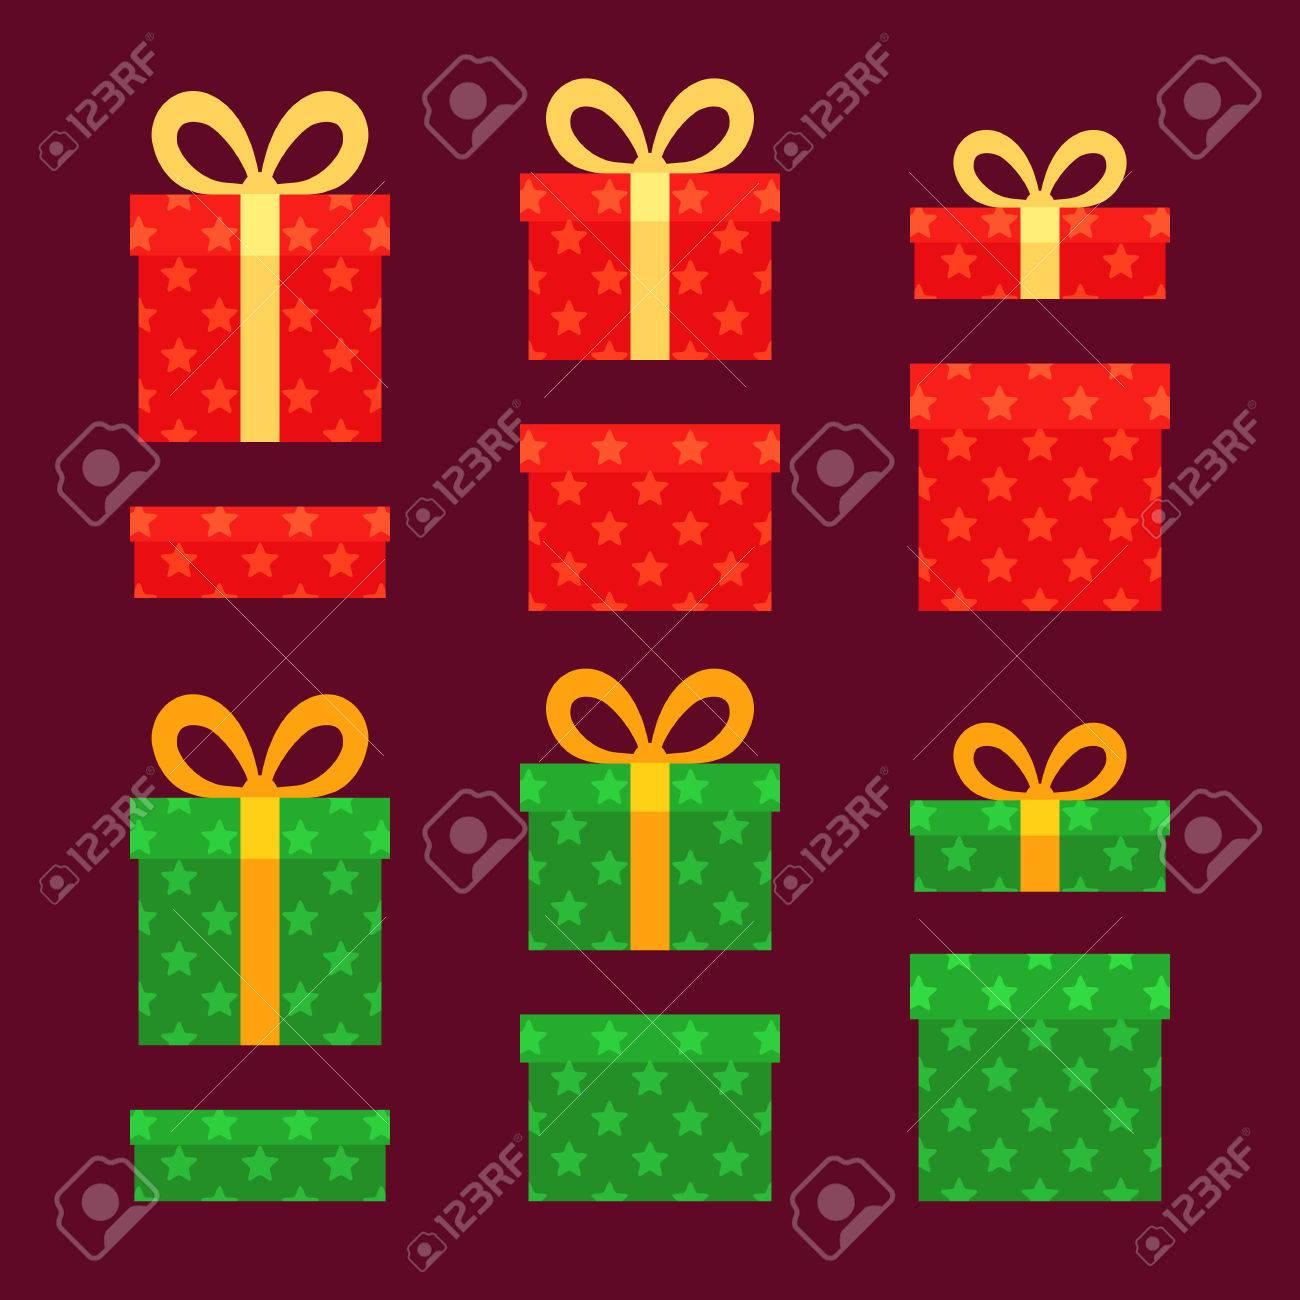 Weihnachten Boxen Für Geschenke Mit Sternen. Rote Und Grüne ...